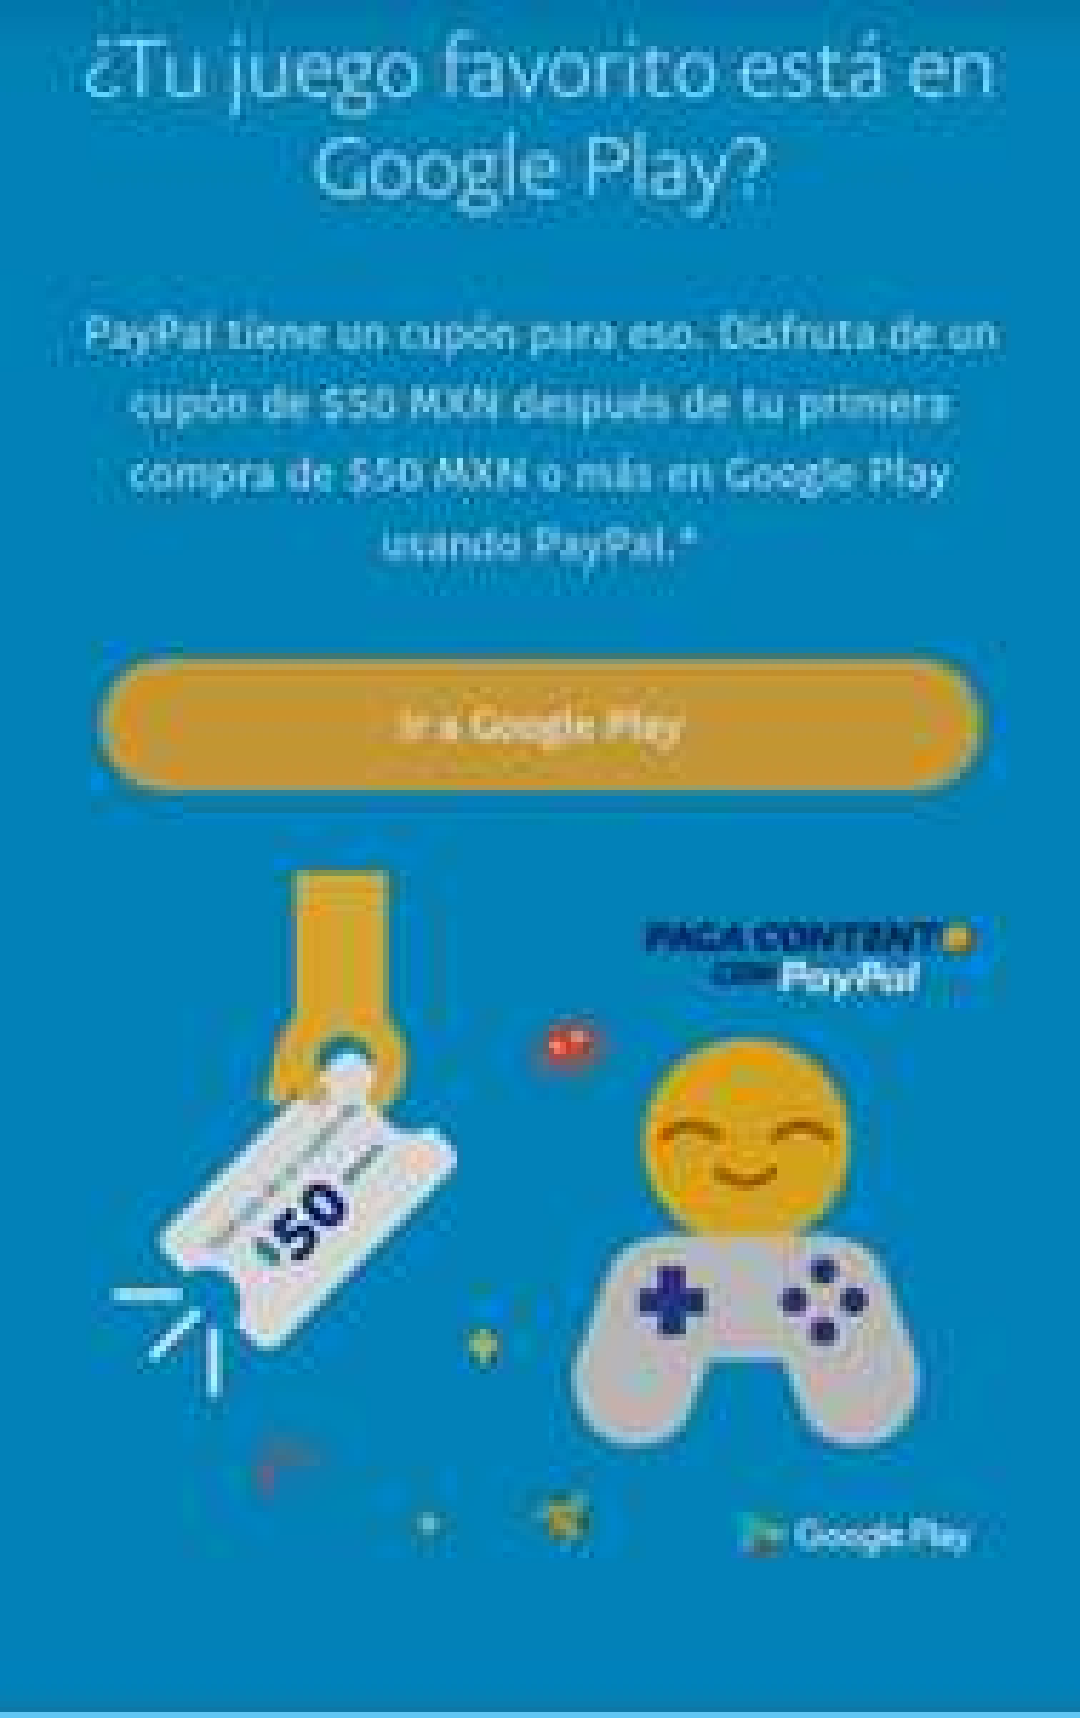 Googl Playstore: paypal cupón de $50.⁰⁰ para tu siguiente compra en al hacer una compra de $50.⁰⁰ o más